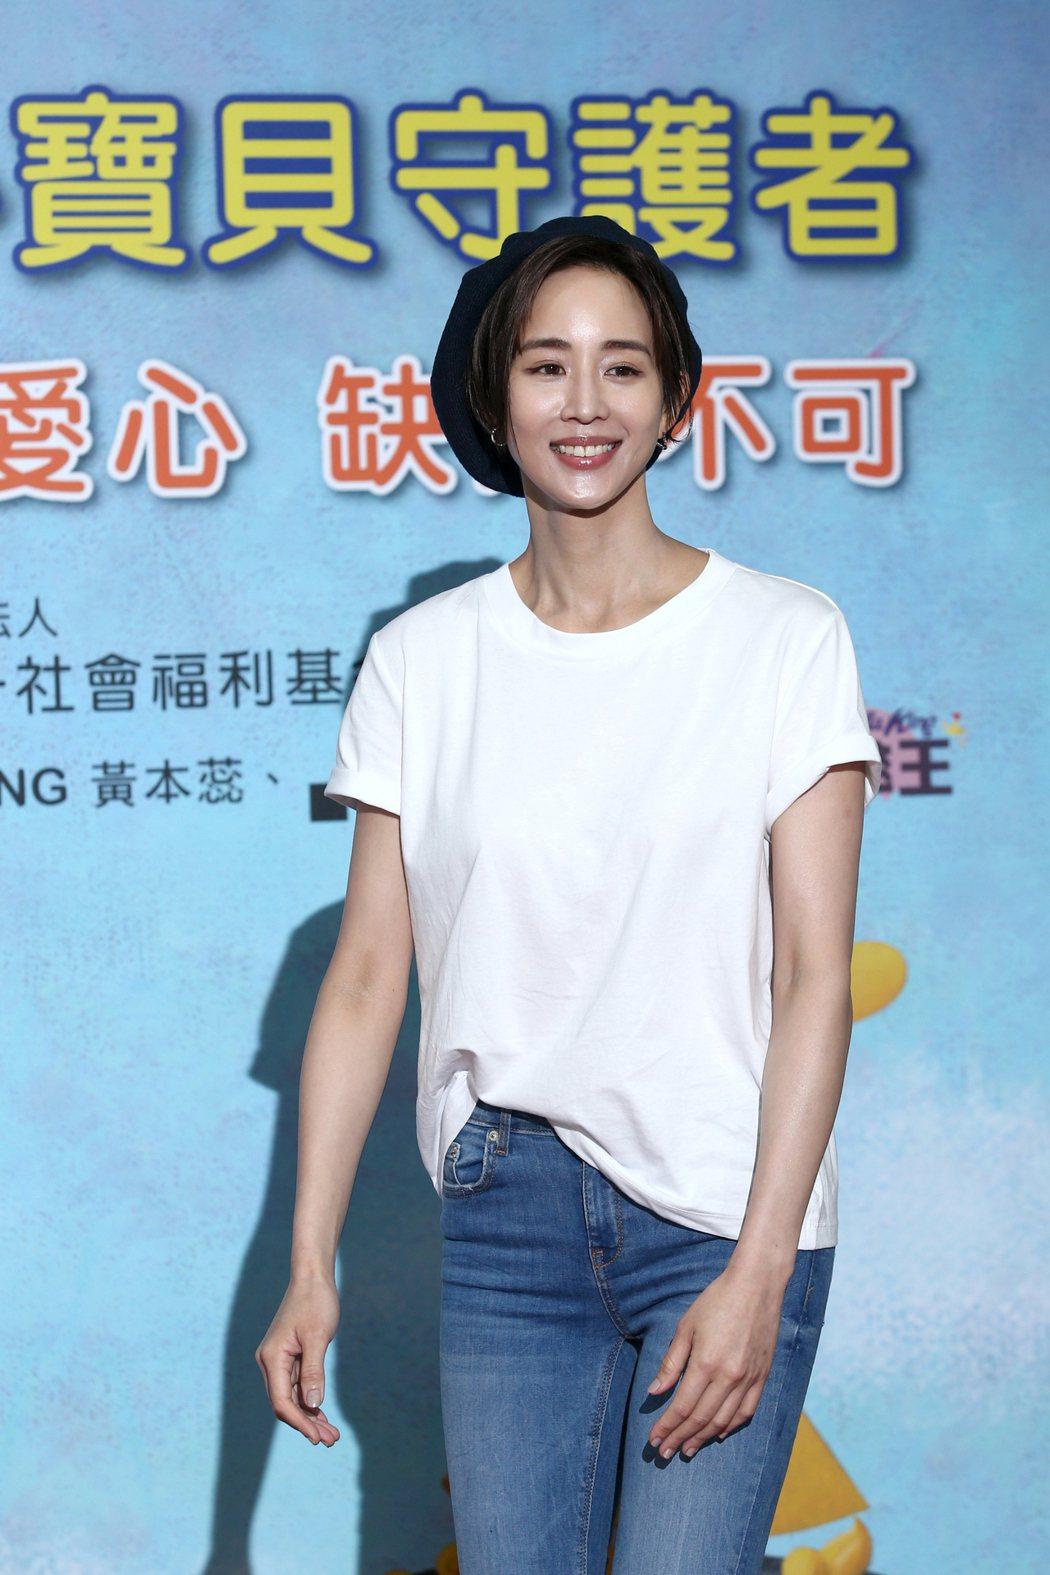 張鈞甯出席第一社福公益活動。記者蘇健忠/攝影